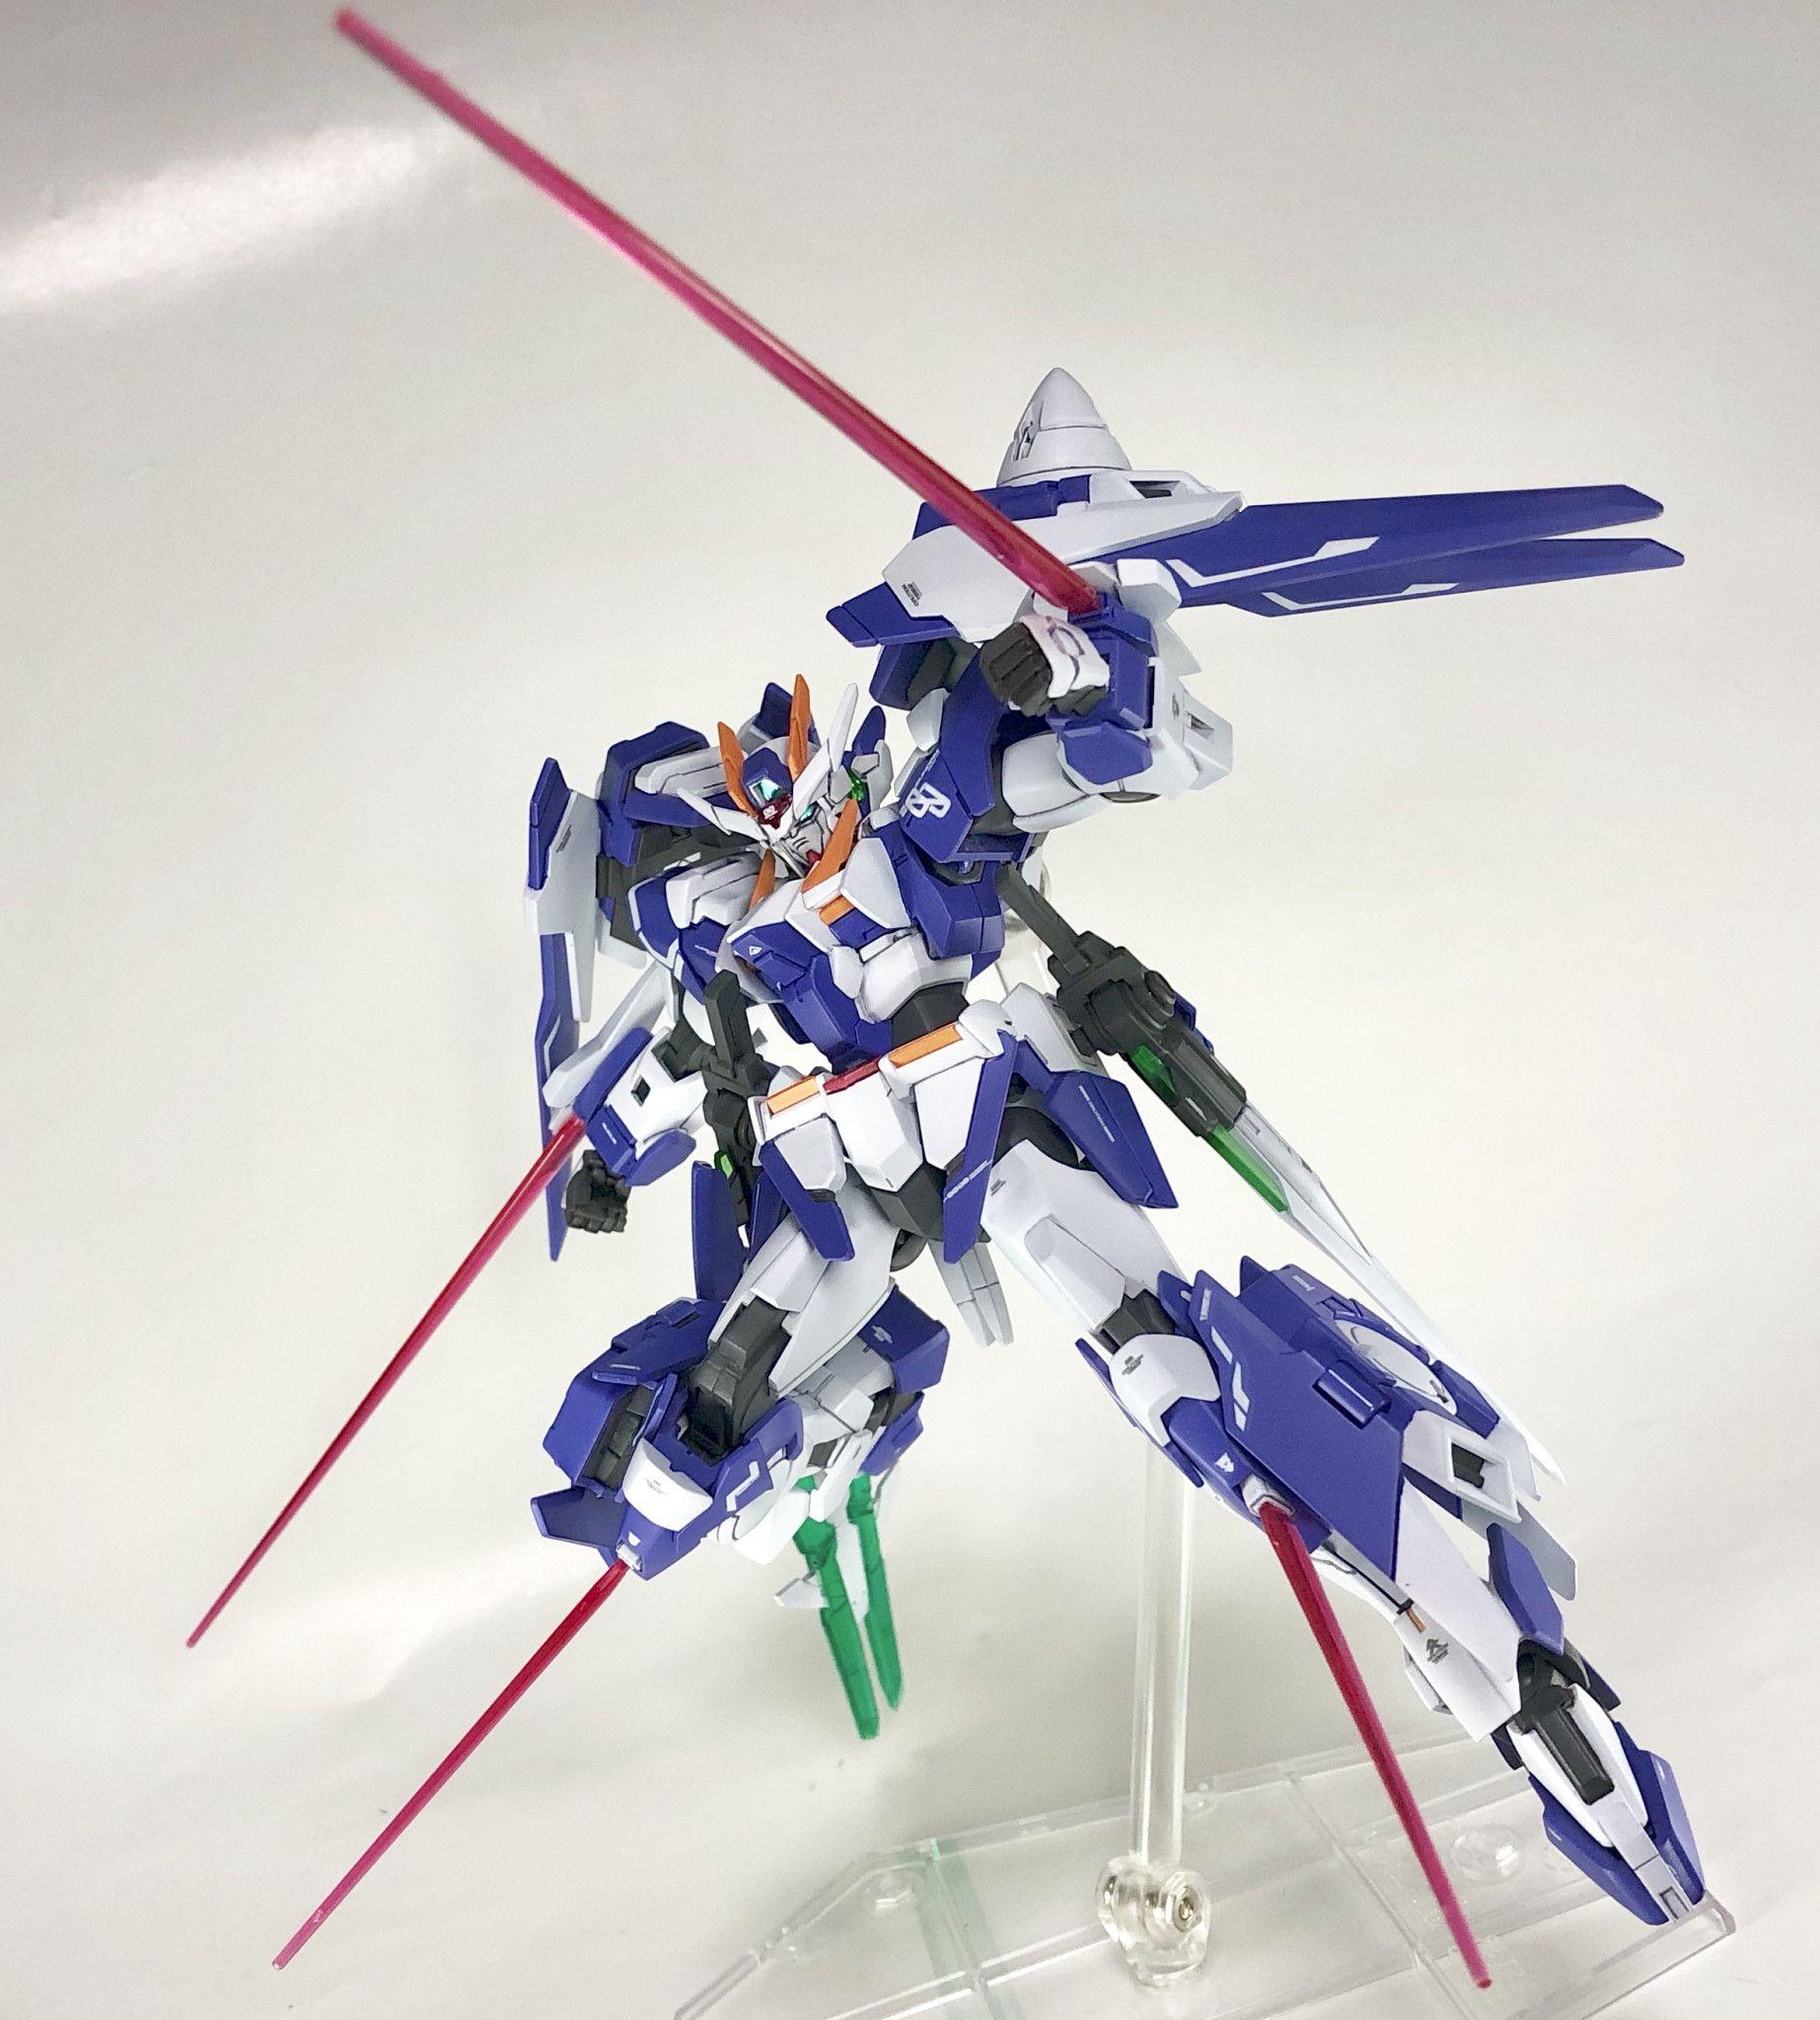 GN0000VXS ダブルオーガンダムエクシアス Gunpla custom, Gundam, Iphone